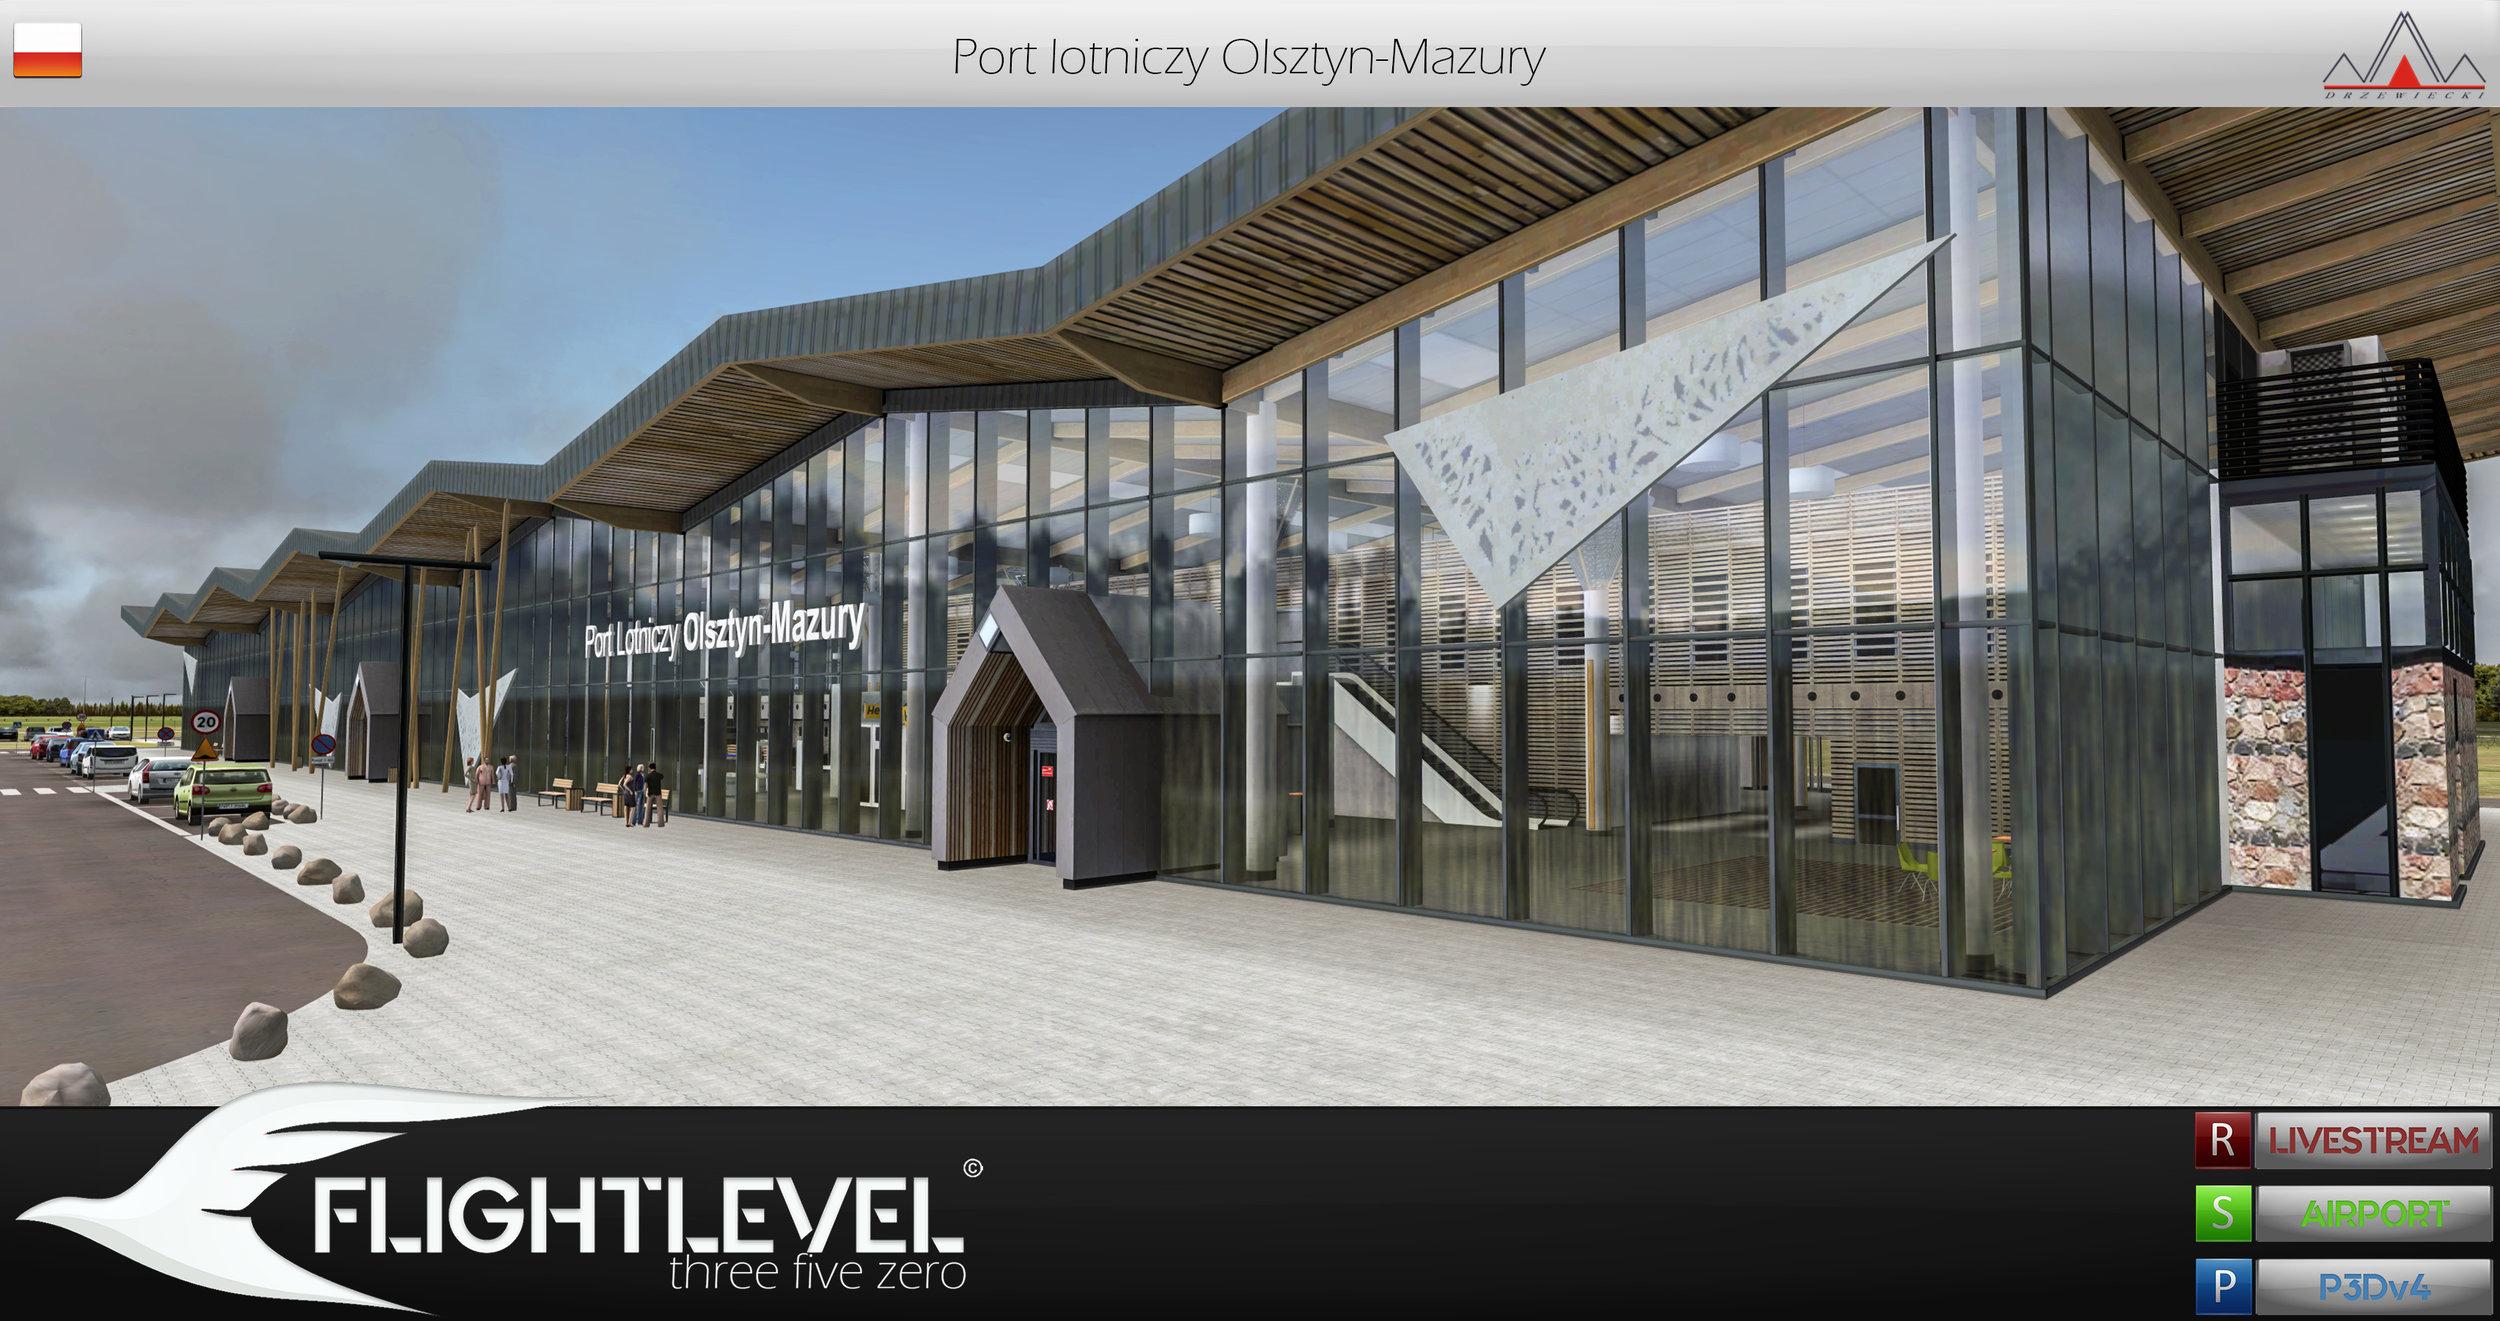 Port lotniczy Olsztyn-Mazury.jpg